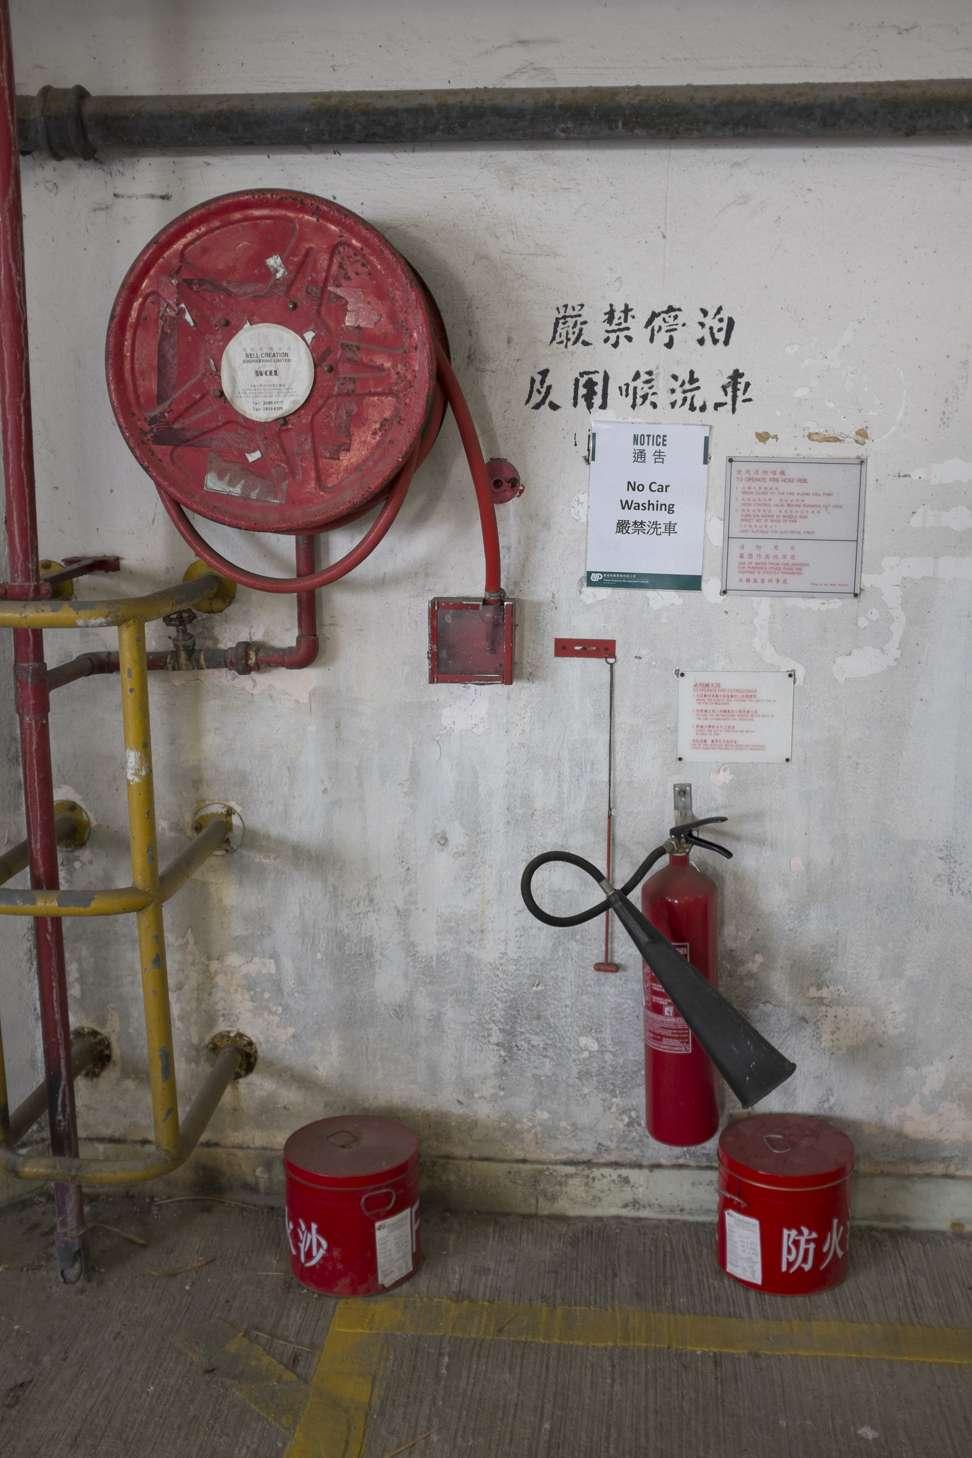 Bells Fire Safety : Hong kong s fire safety figures set off alarm bells